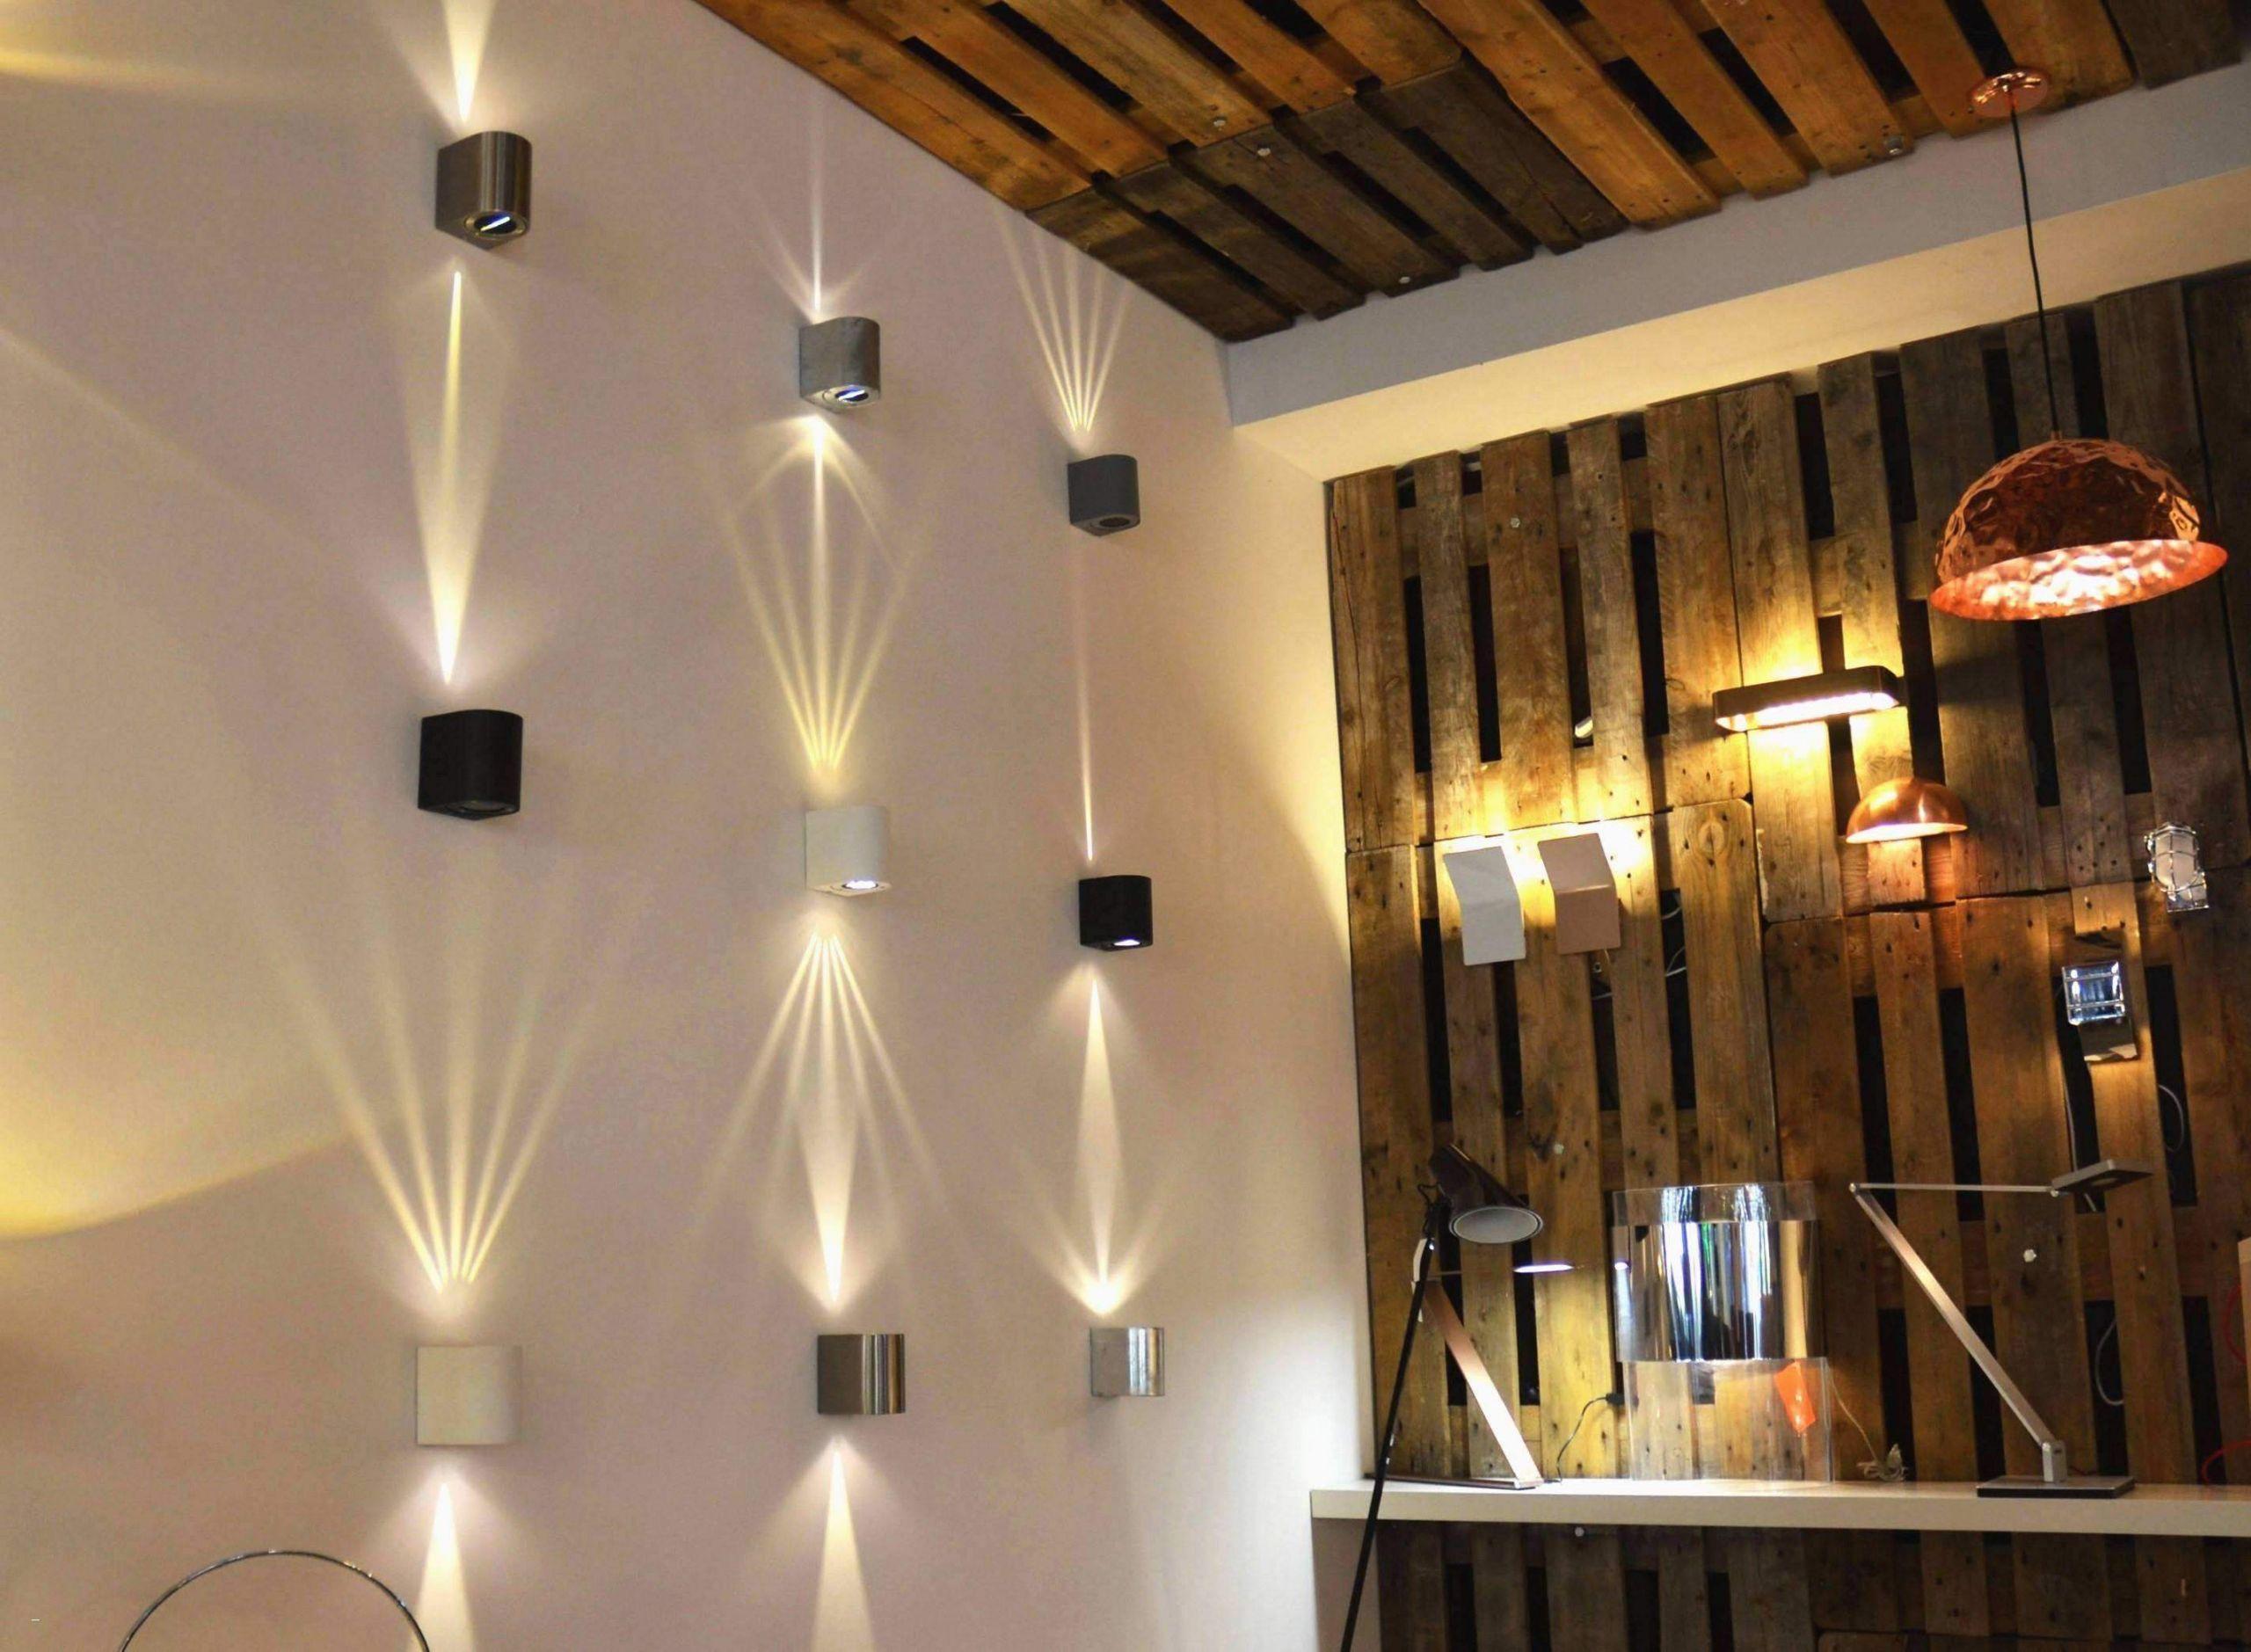 Full Size of Wohnzimmer Lampe 40 Schn Ebay Lampen Das Beste Von Frisch Sideboard Deckenleuchten Hängeschrank Indirekte Beleuchtung Deckenlampe Sessel Schlafzimmer Wohnzimmer Wohnzimmer Lampe